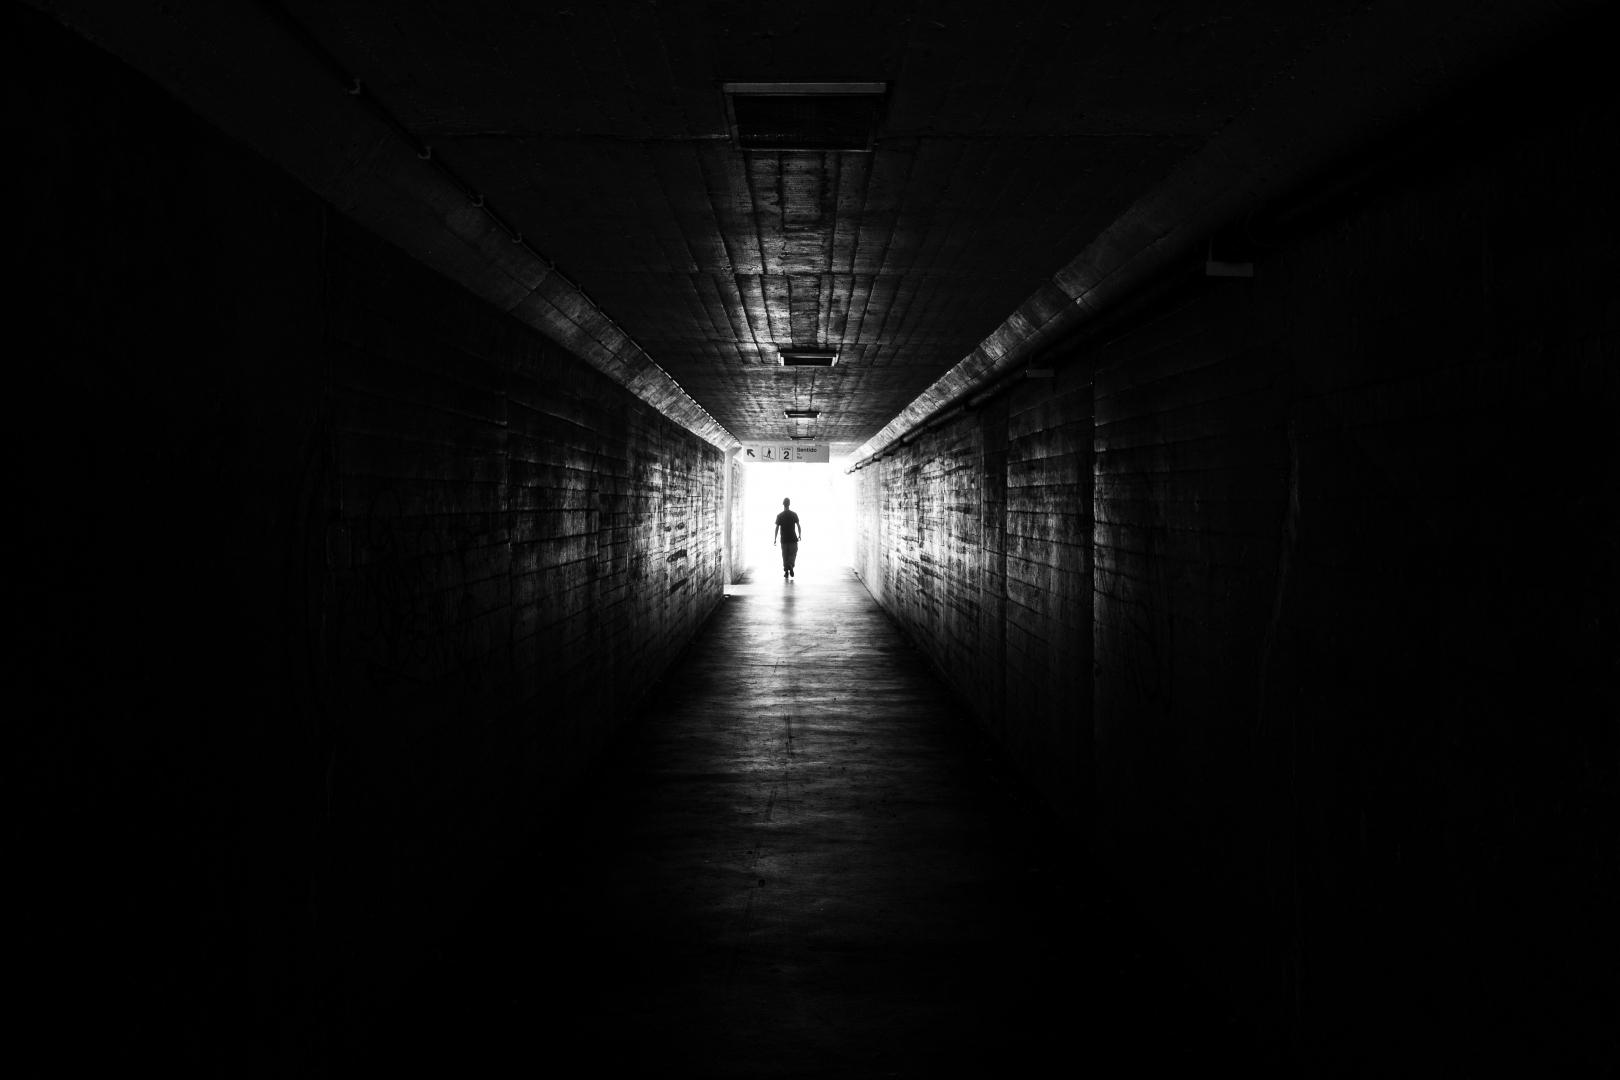 Fotografia de Rua/Lonely way